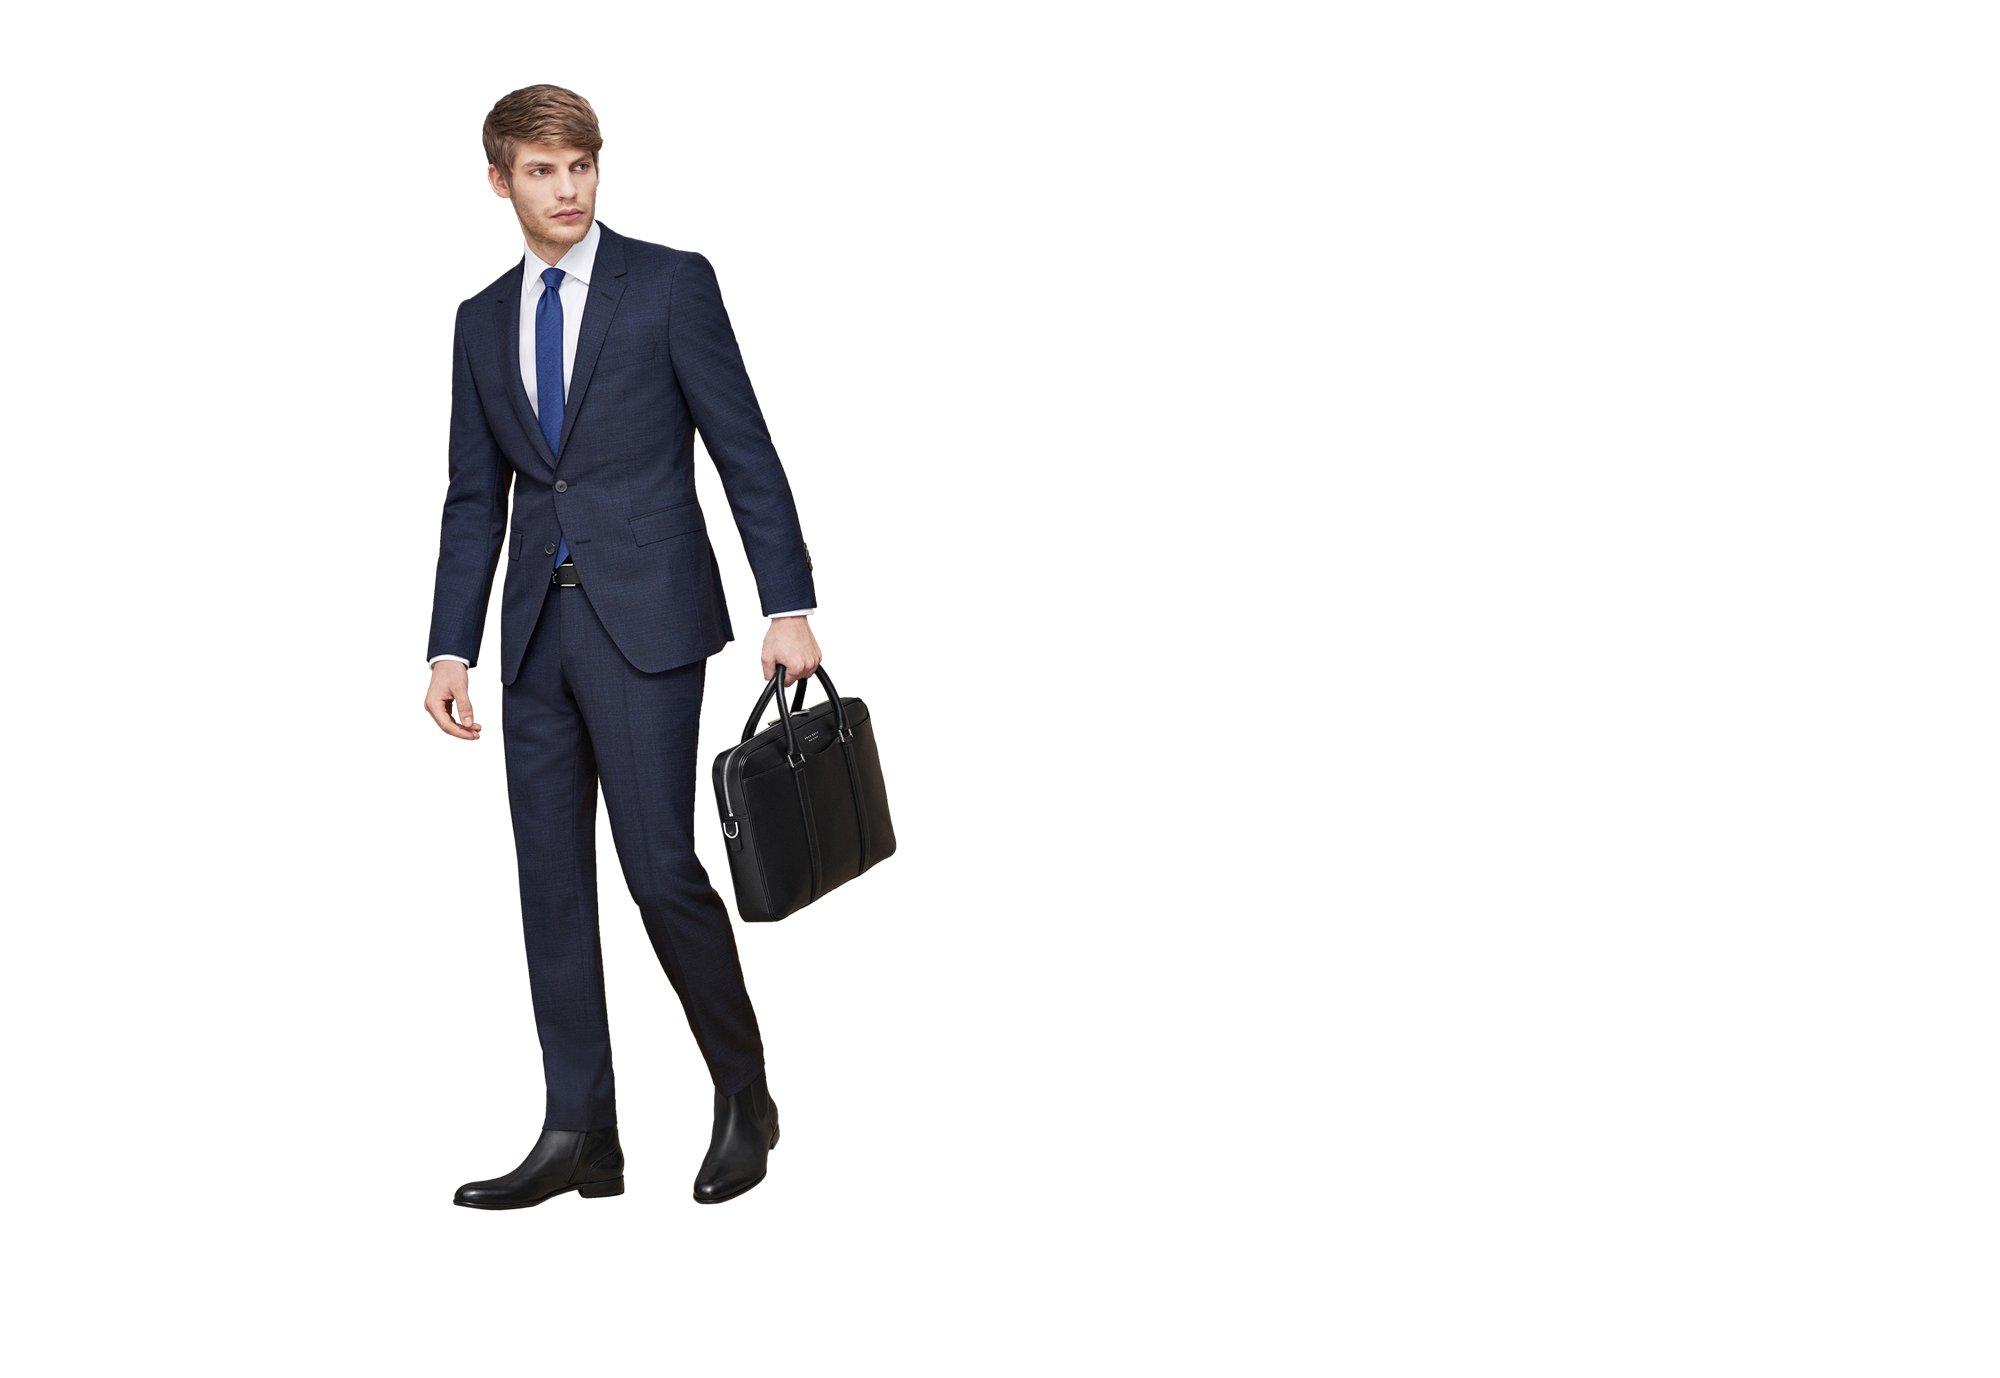 Blauer Anzug und Krawatte, schwarze Chelsea Boots und Signature Bag von BOSS